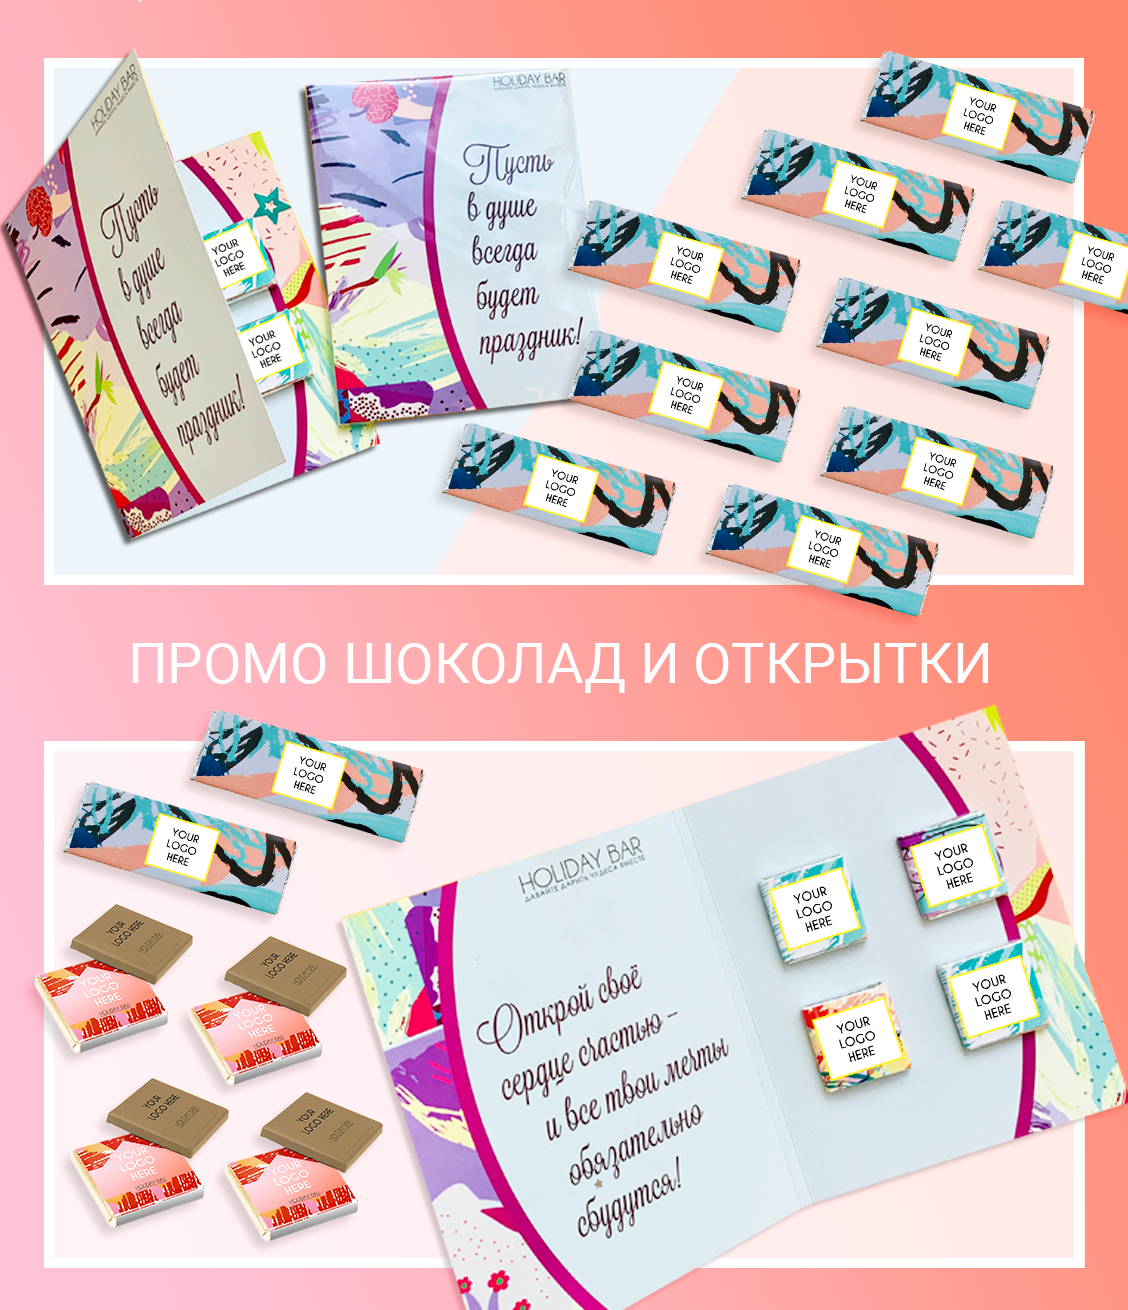 Промо шоколад и открытки